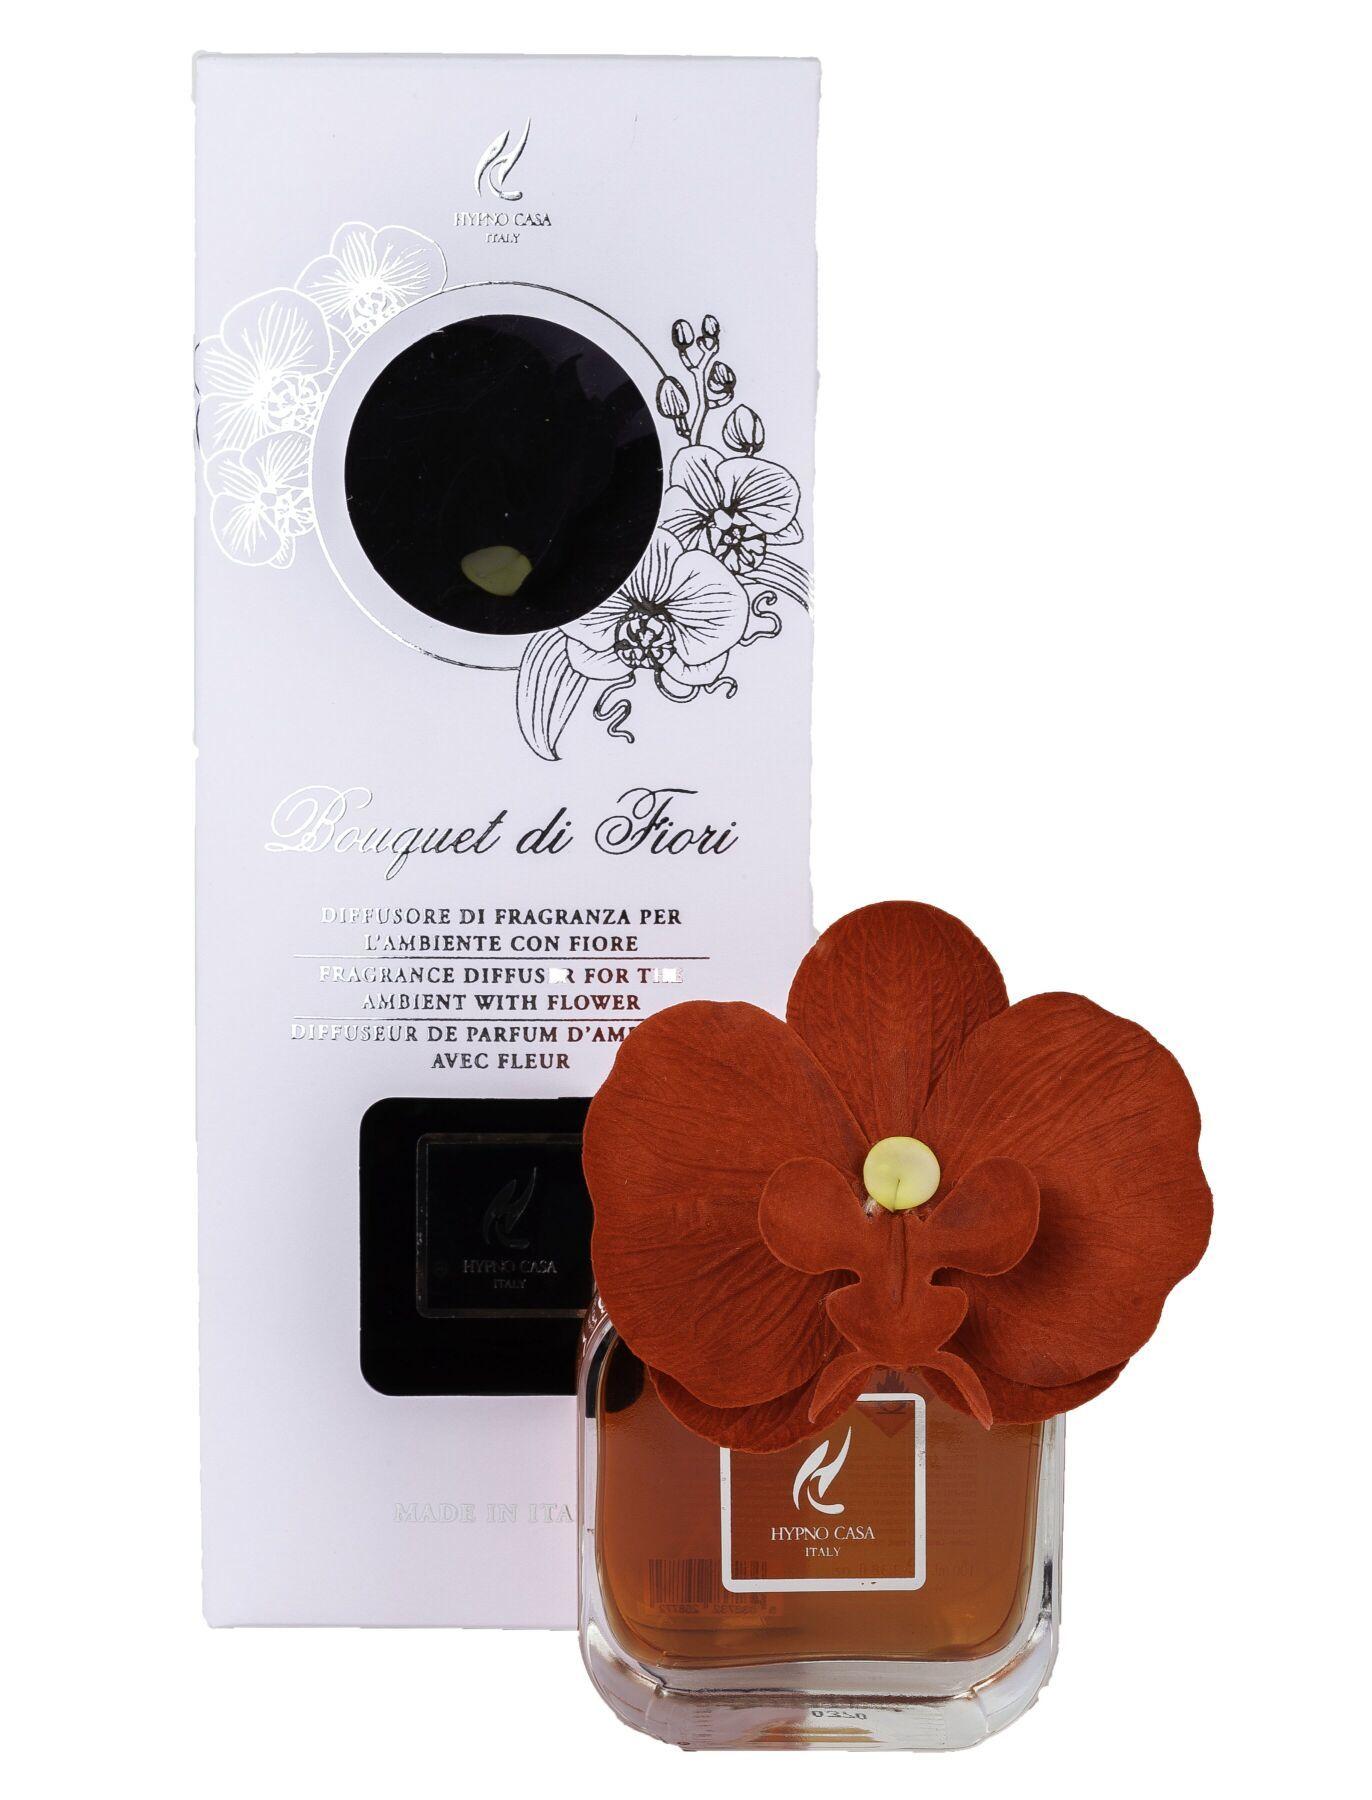 Диффузор Hypno Casa с цветком орхидеи 100ml Rosso Divino